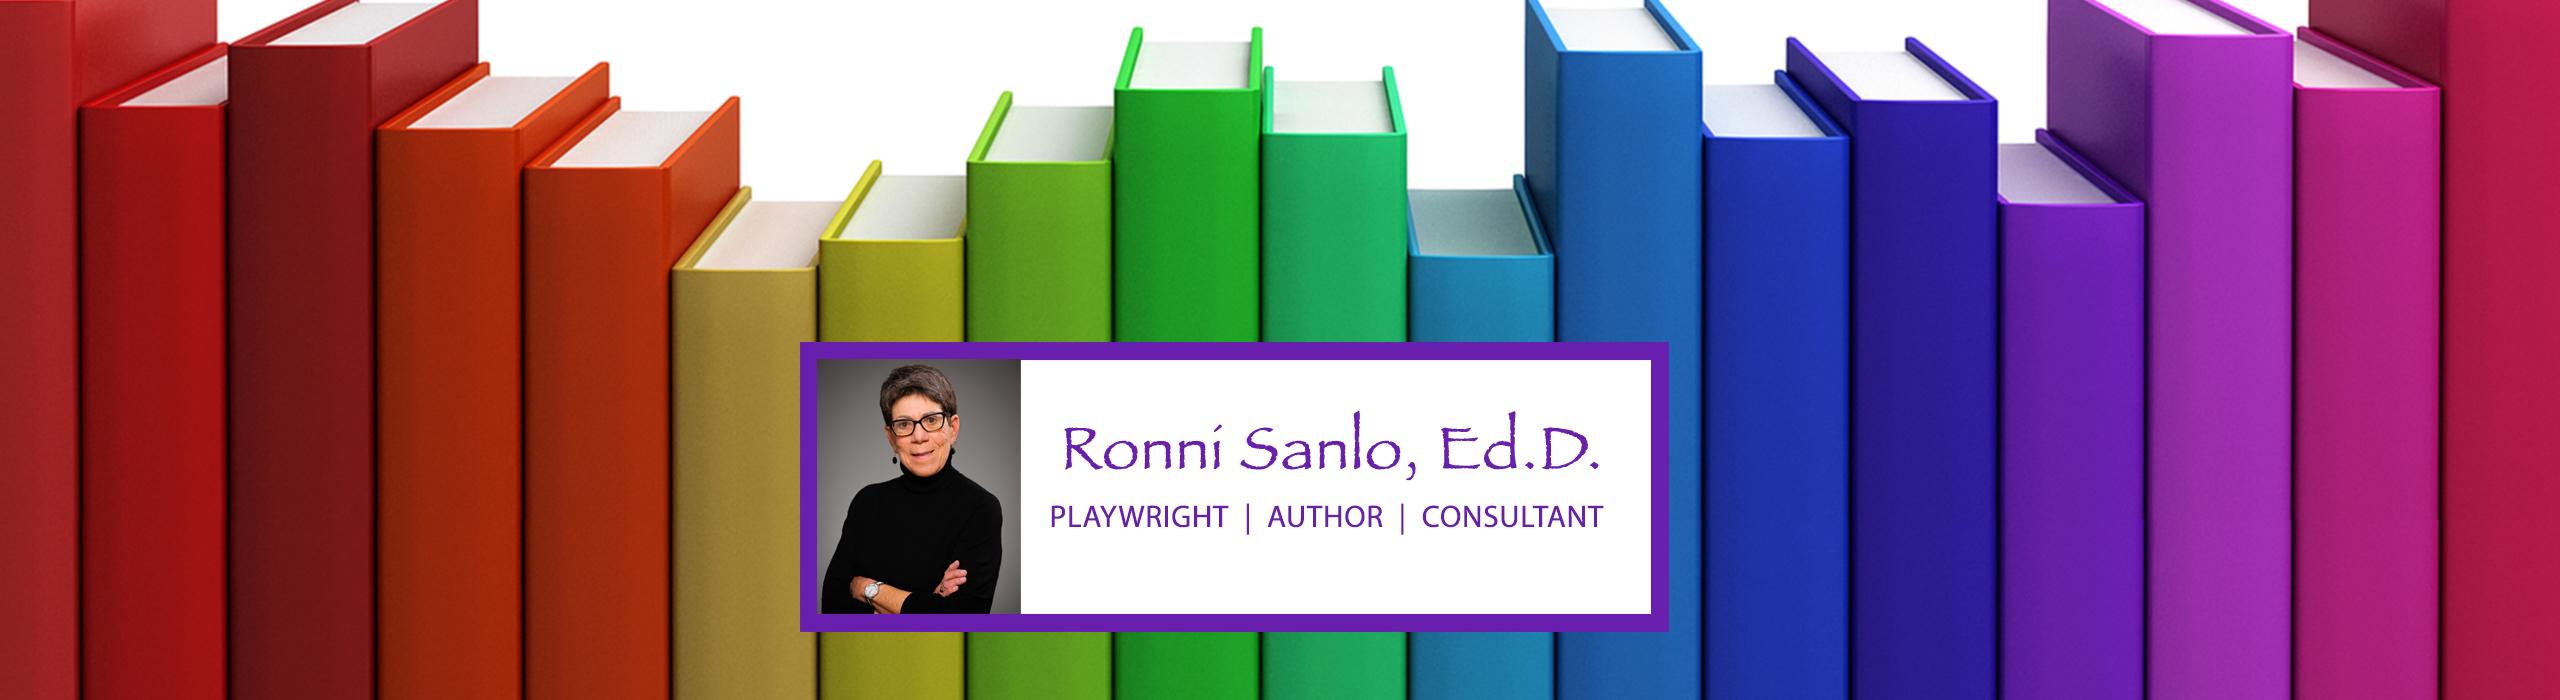 Ronni Sanlo Books Header